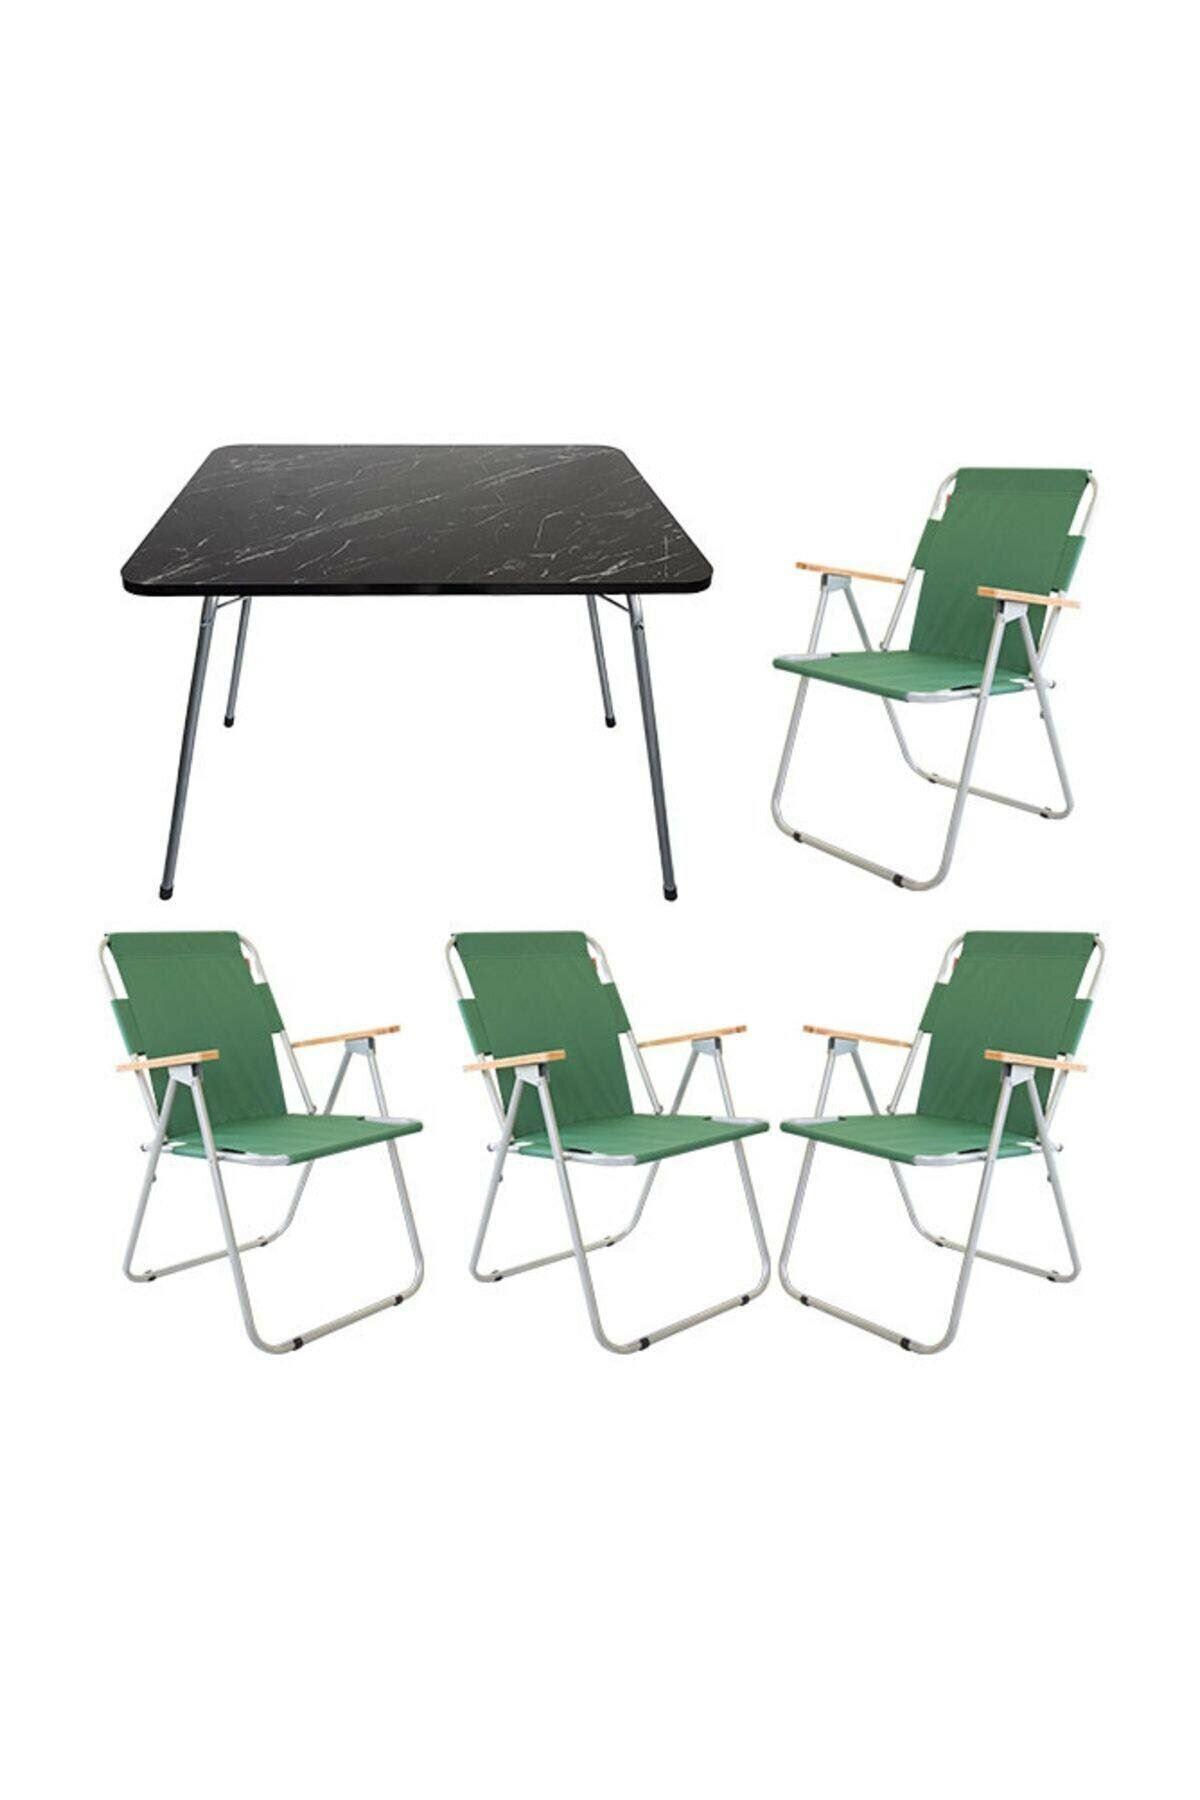 Bofigo 60x80 Granite Folding Table + 4 Pieces Folding Chair Camping Set Garden Balcony Set Green